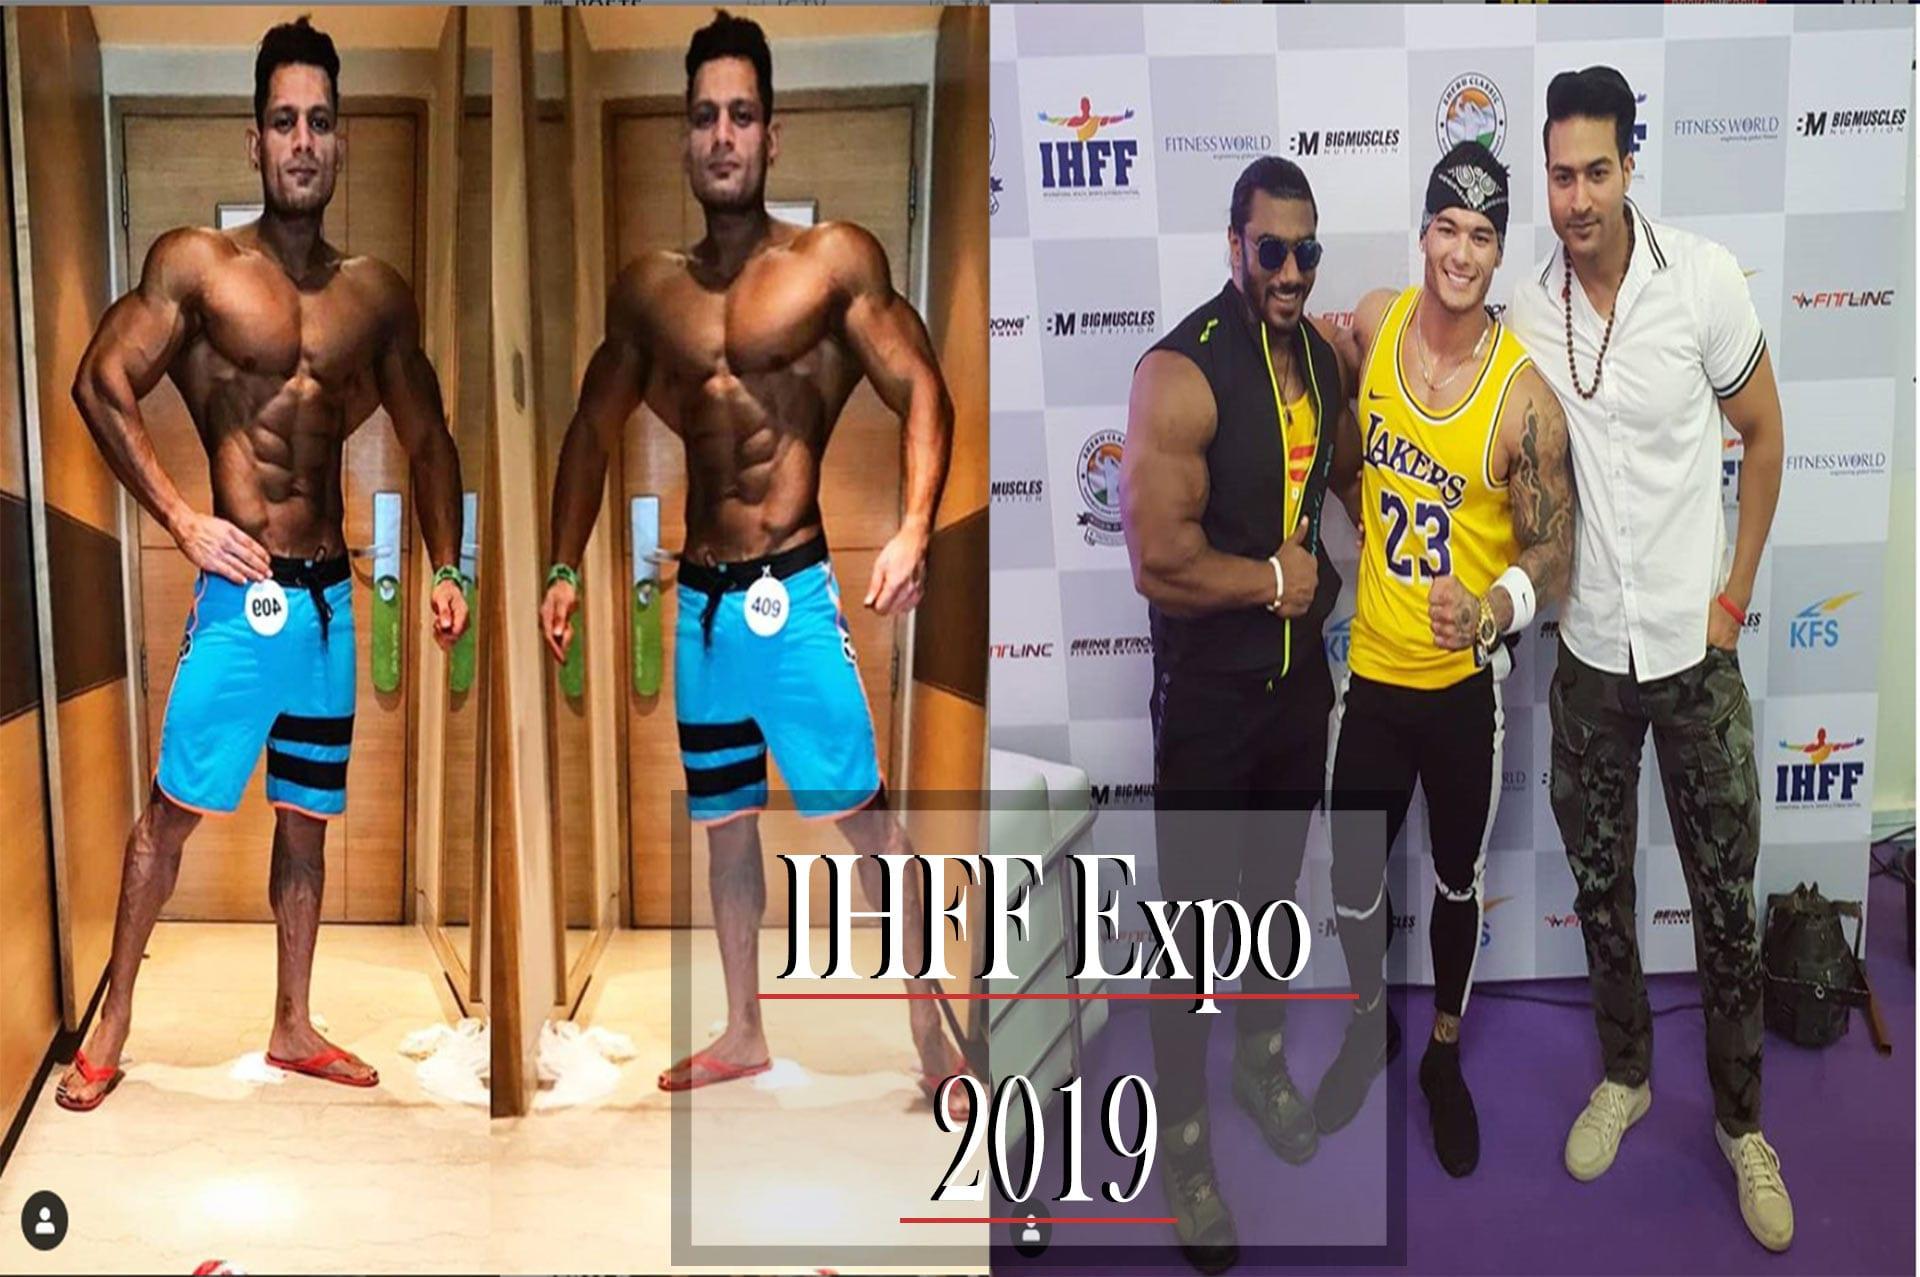 ihff expo 2019